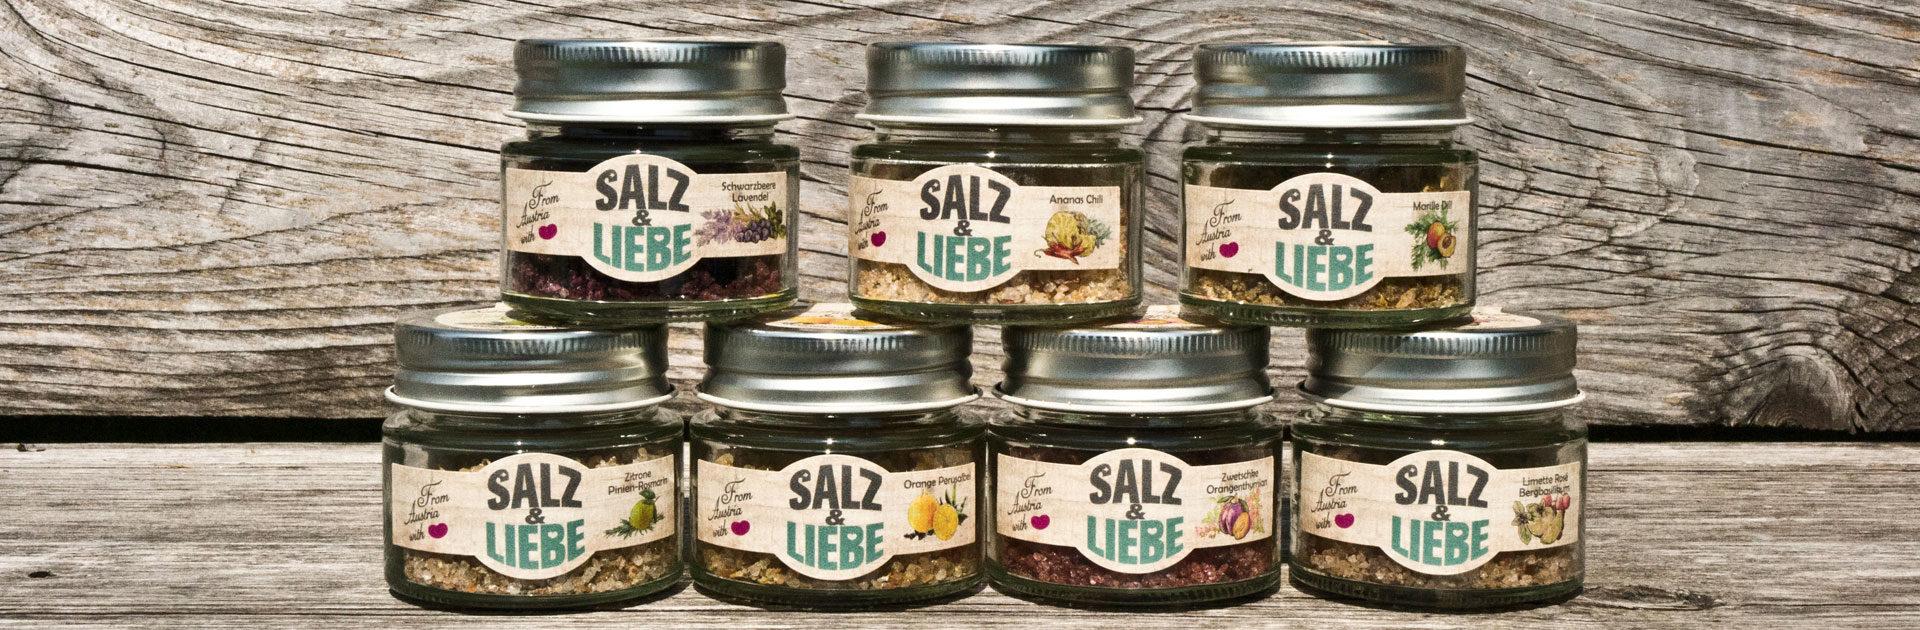 Salz und Liebe - Bergsalz mit Früchten und Kräutern in Bio Qualität